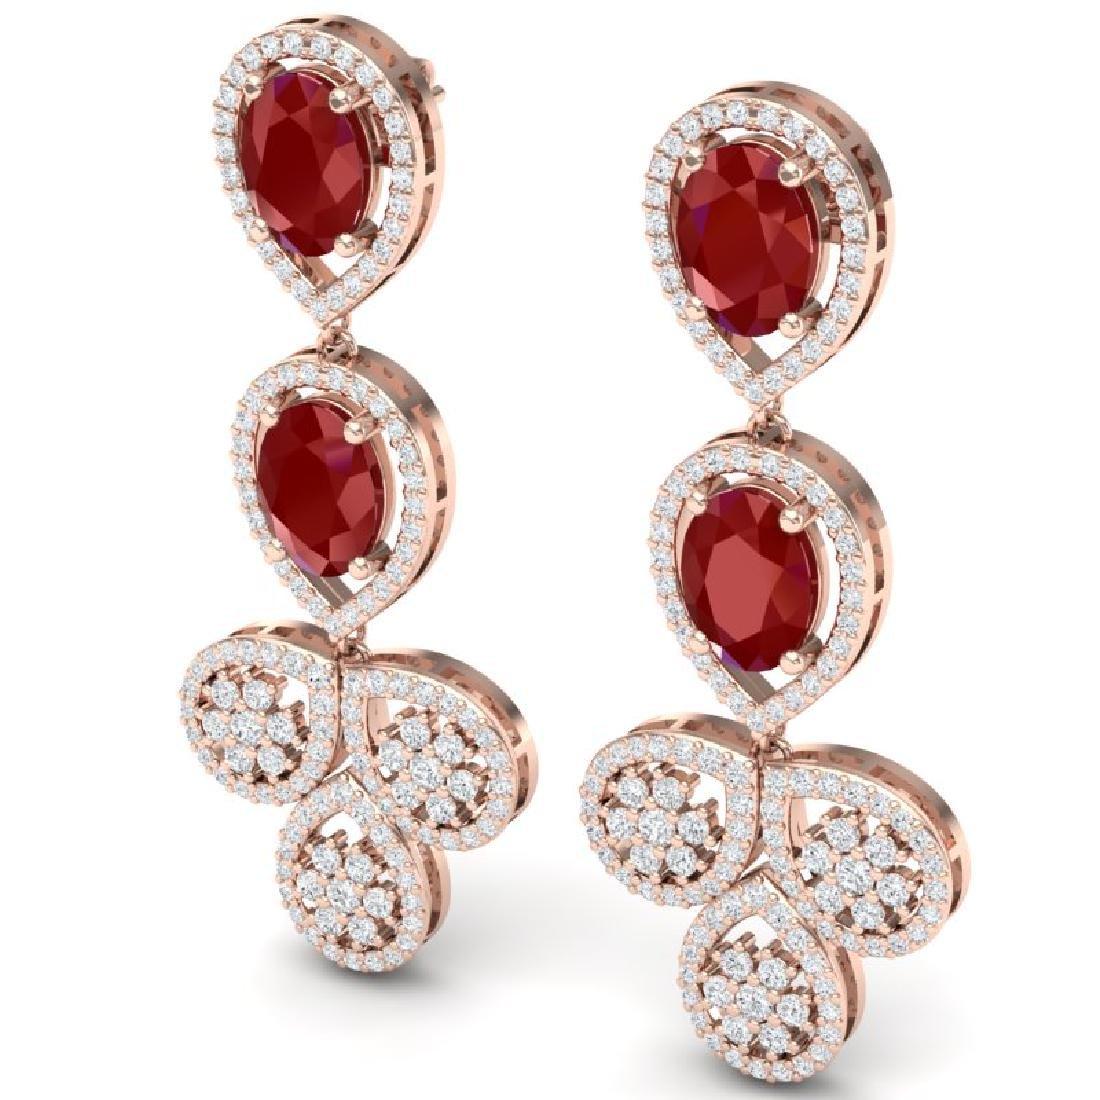 9.75 CTW Royalty Designer Ruby & VS Diamond Earrings - 2